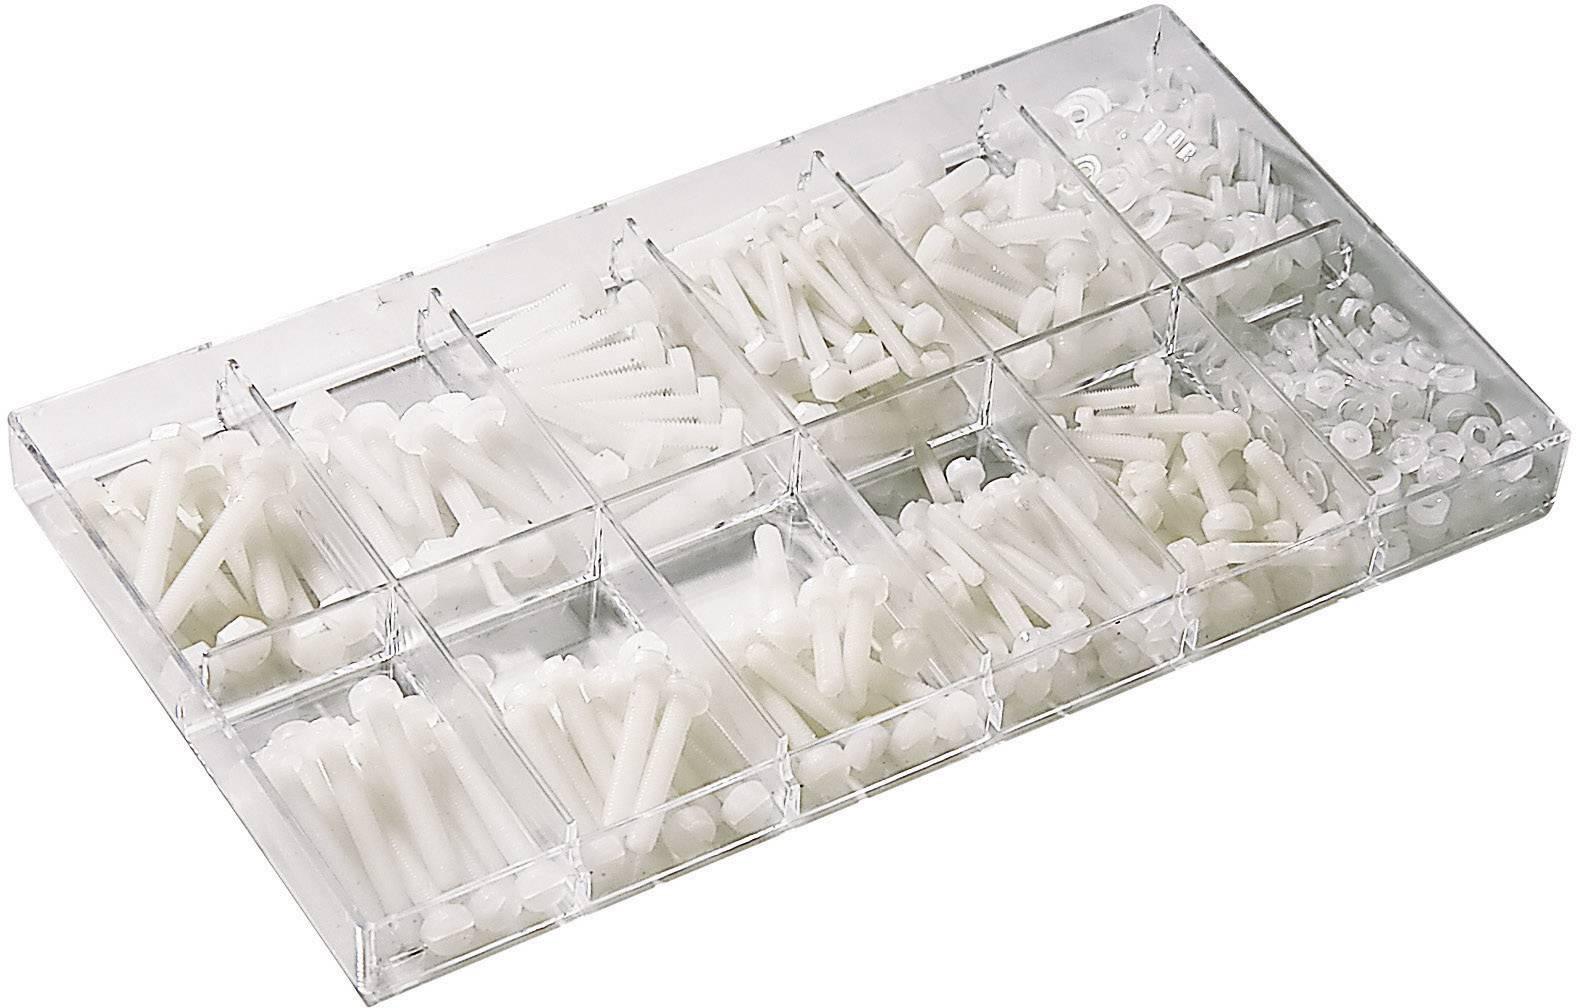 Sada polyamidových šroubů s válcovou hlavou, 420 ks